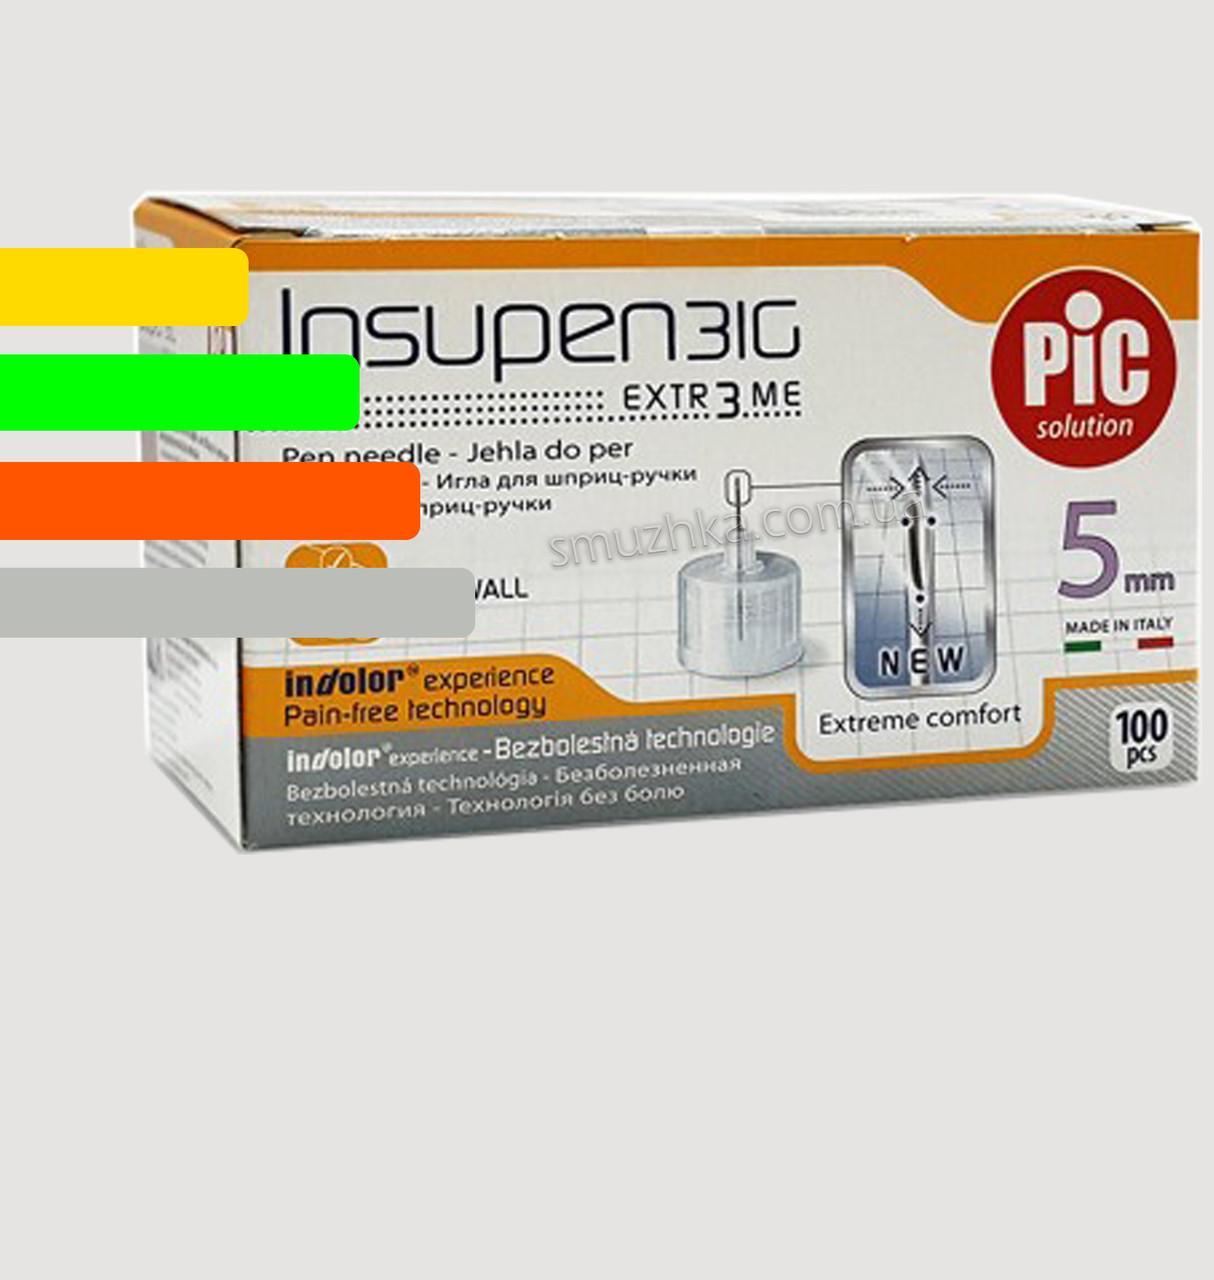 Иглы Инсупен 5мм для шприц-ручек инсулиновых - Insupen 31G, 100 шт.